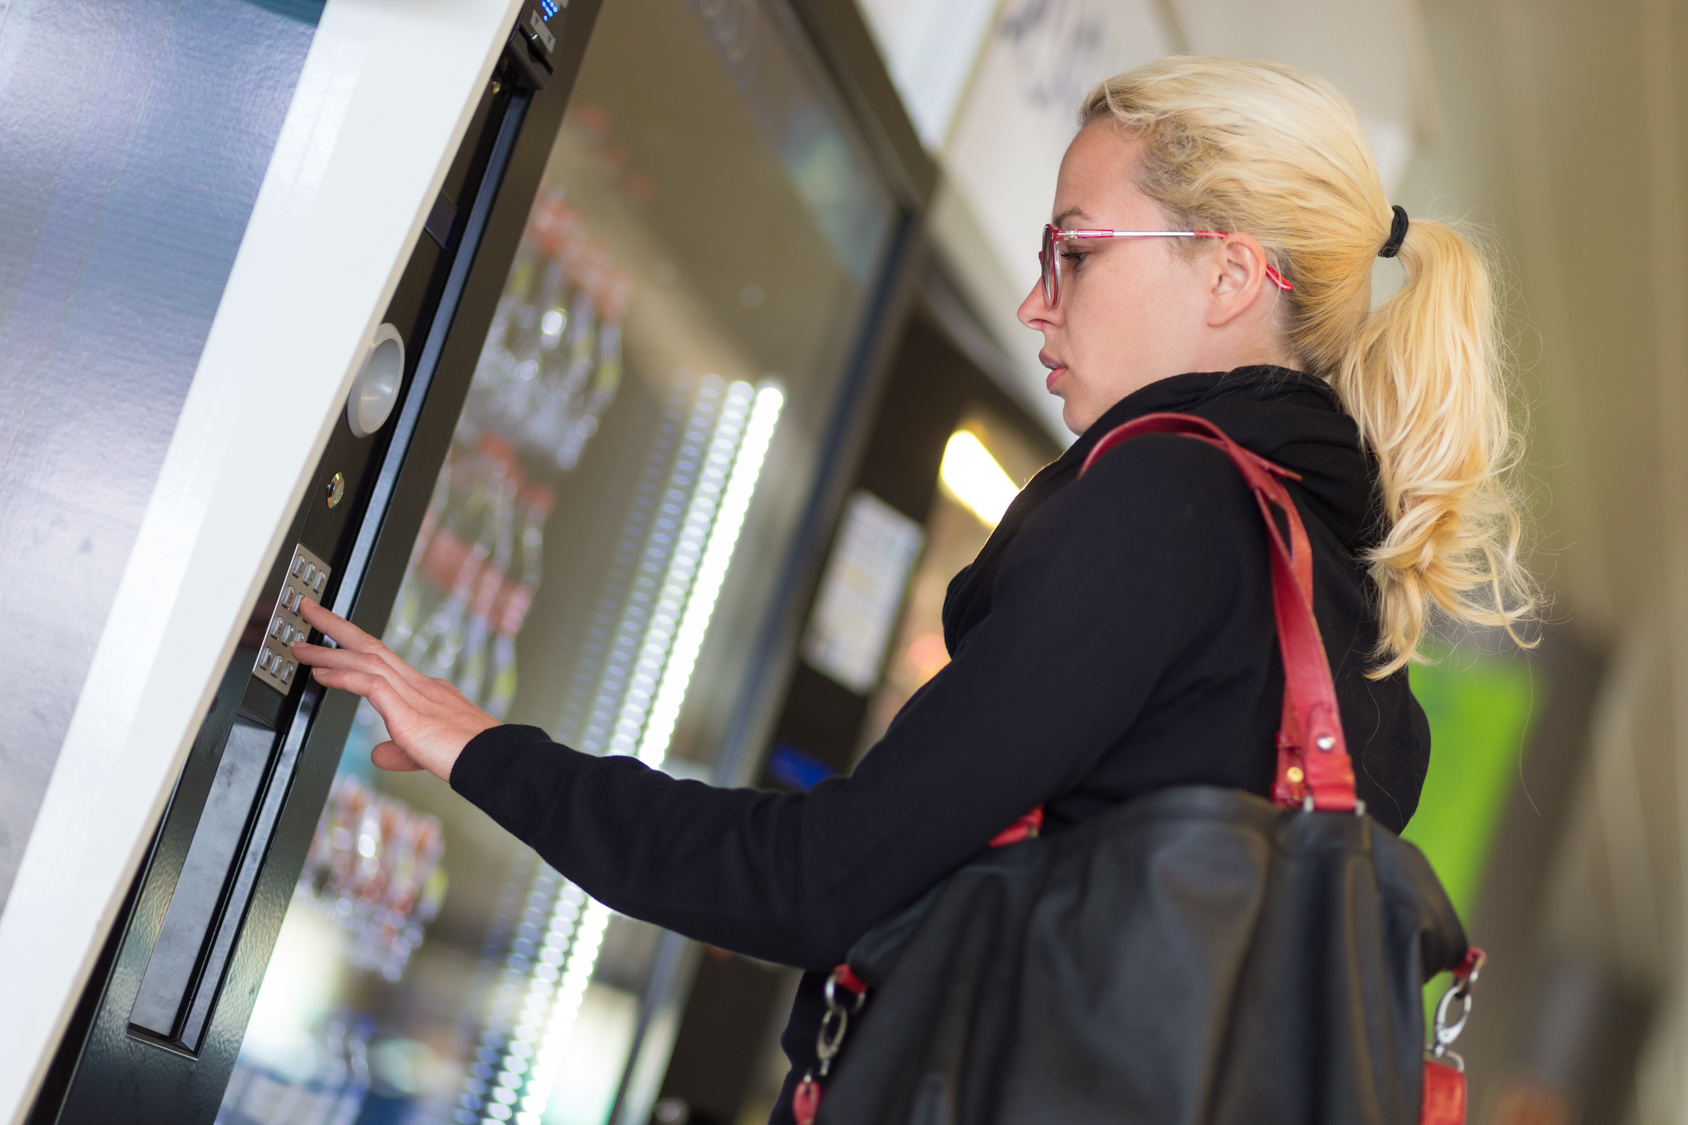 ditributori automatici di cibo, ragazza che digita la sua scelta